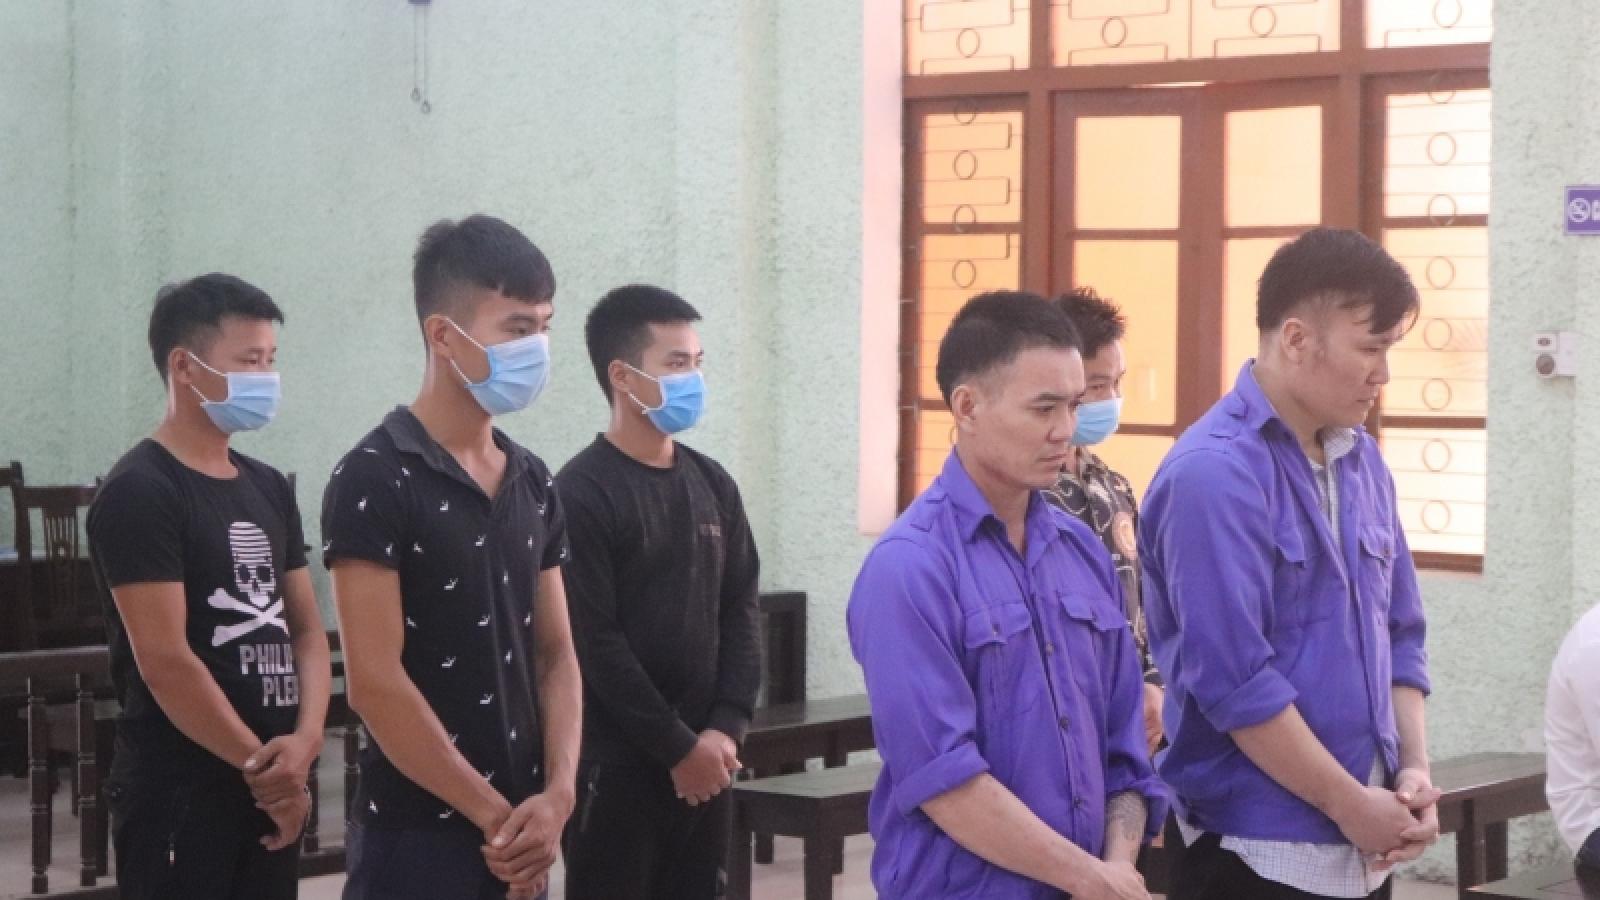 Tổ chức cho người nước ngoài nhập cảnh trái phép, 6 đối tượng lĩnh án tù giam